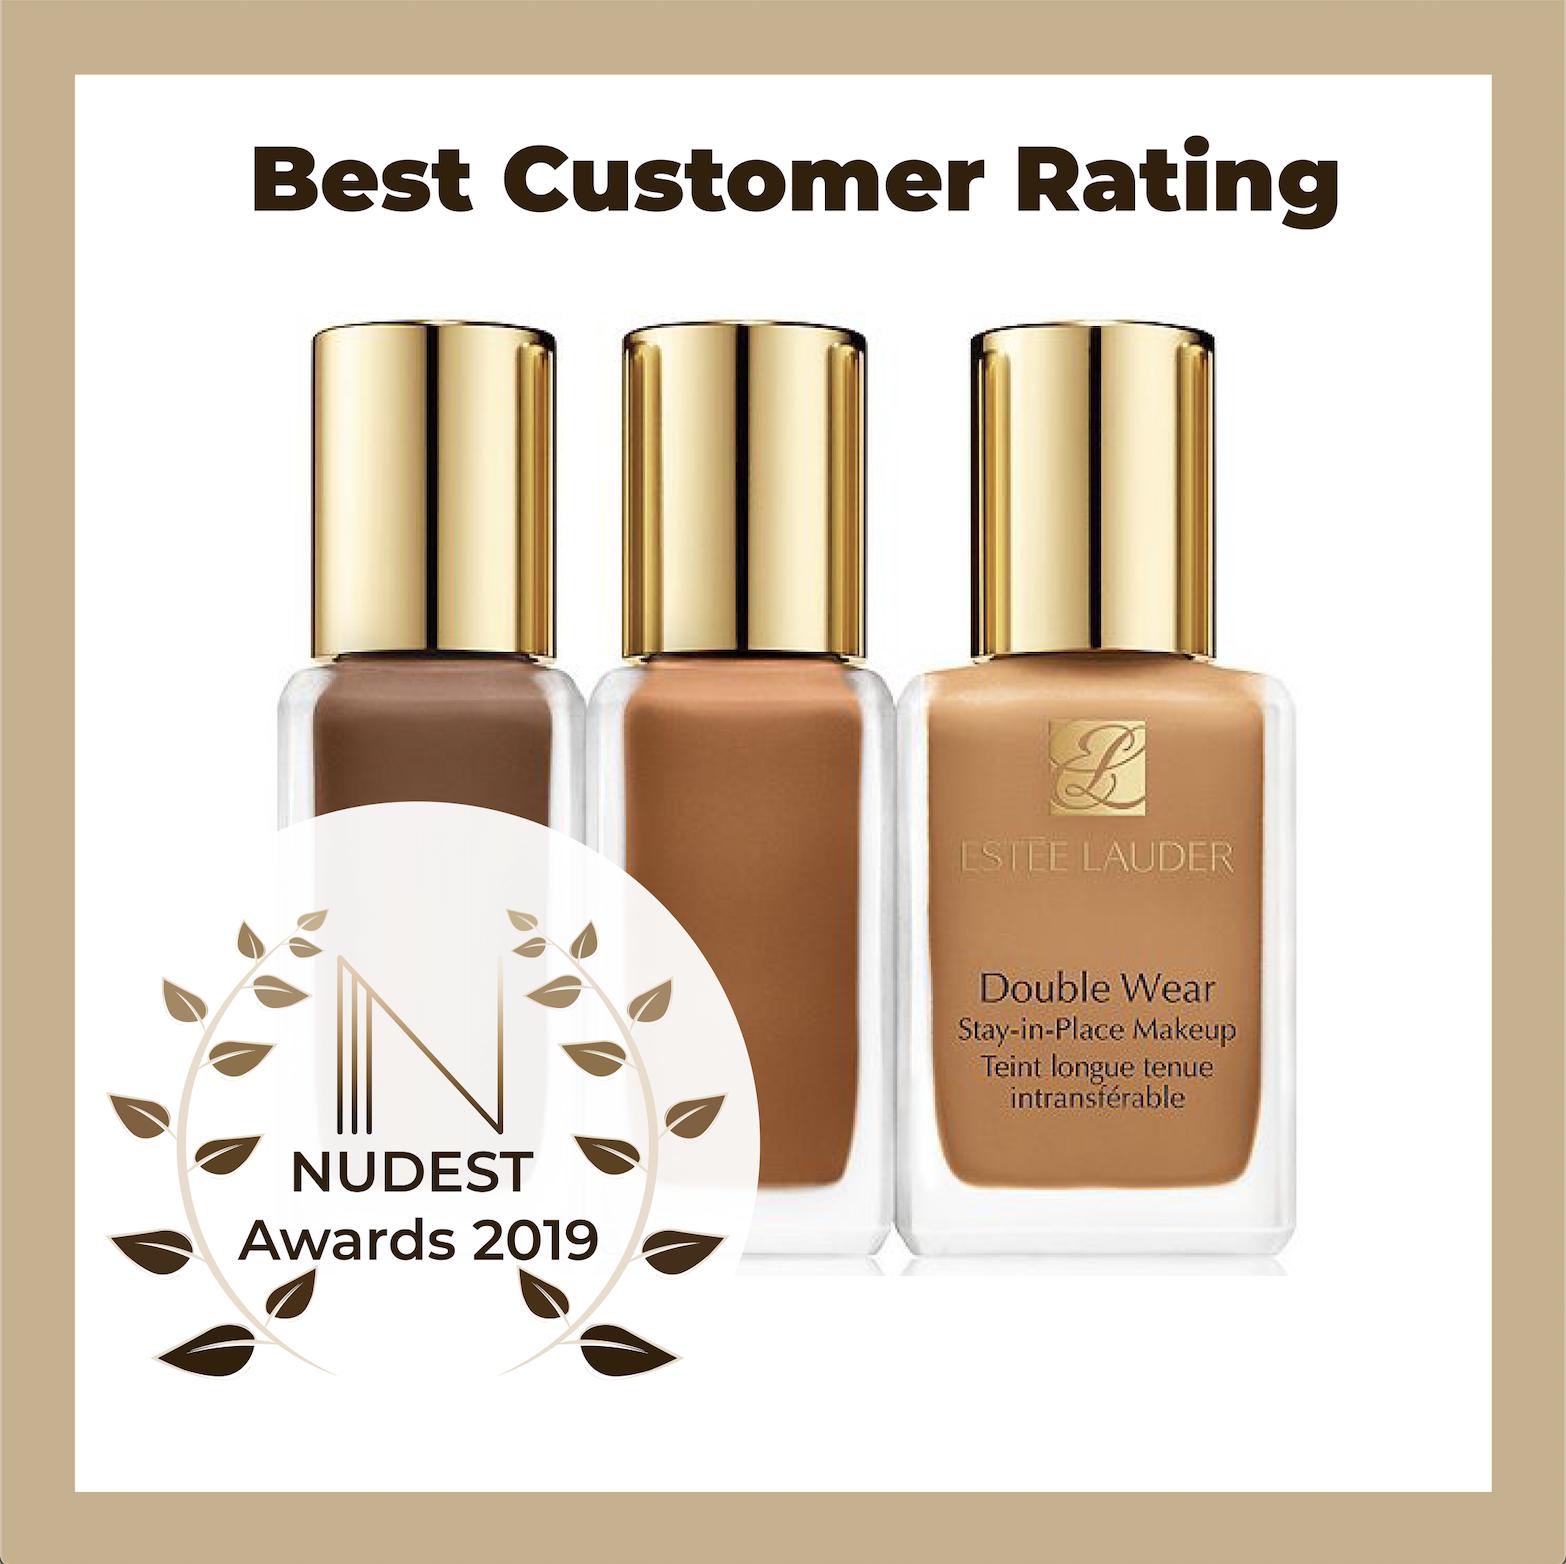 NUDEST Awards Estee Lauder foundation